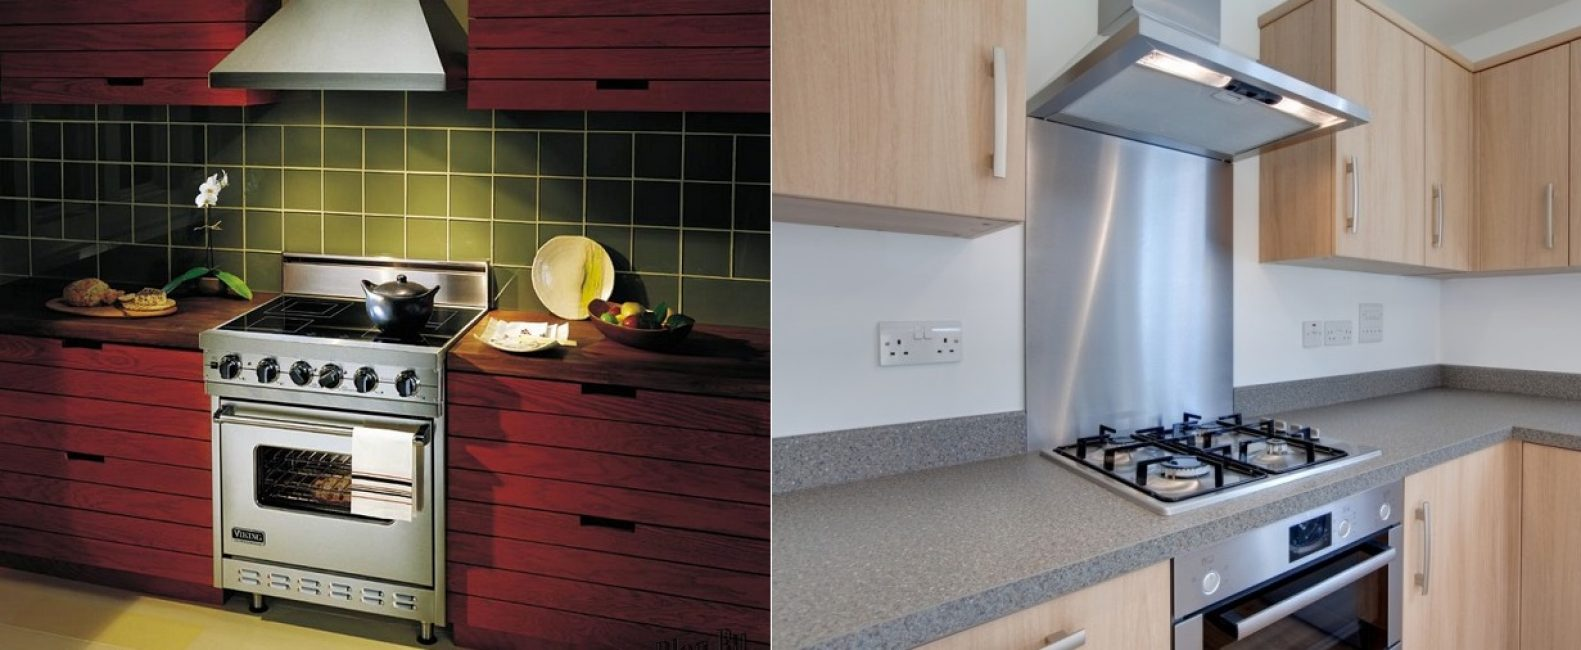 Устройства нужны для кухонь с любыми плитами: газовыми, электрическими